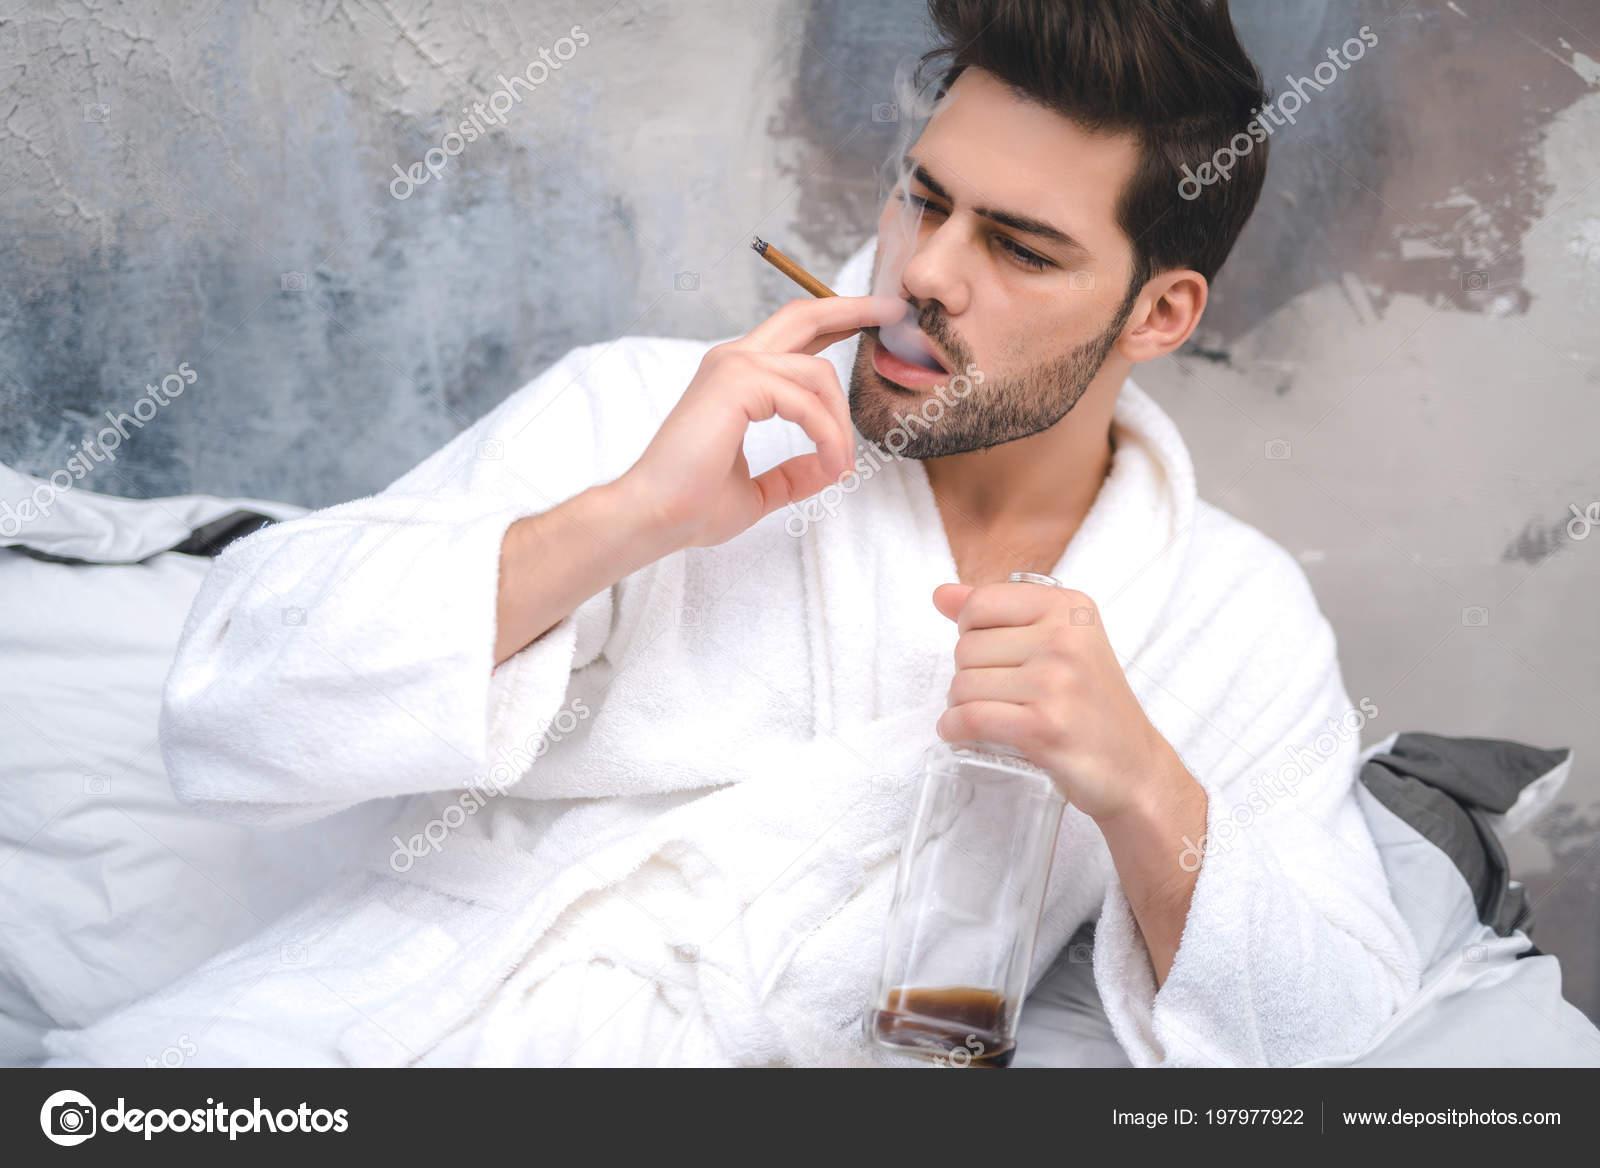 Vestaglia Da Camera Uomo : Uomo vestaglia fumare e bere in camera da letto u foto stock